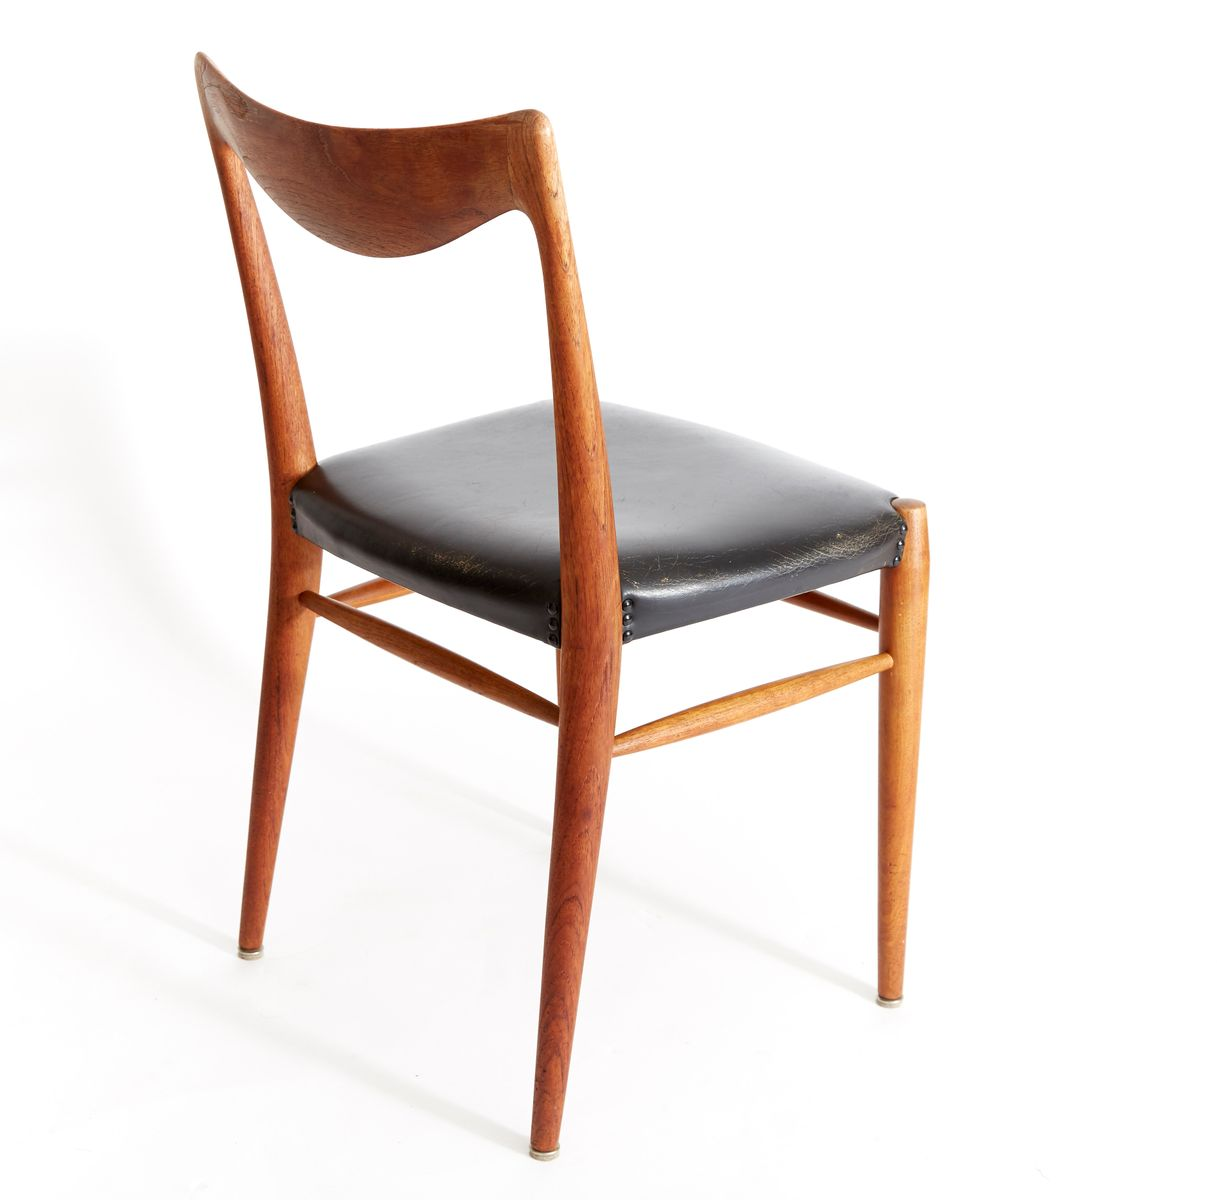 vintage bambi teak esszimmer st hle von rolf rastad. Black Bedroom Furniture Sets. Home Design Ideas